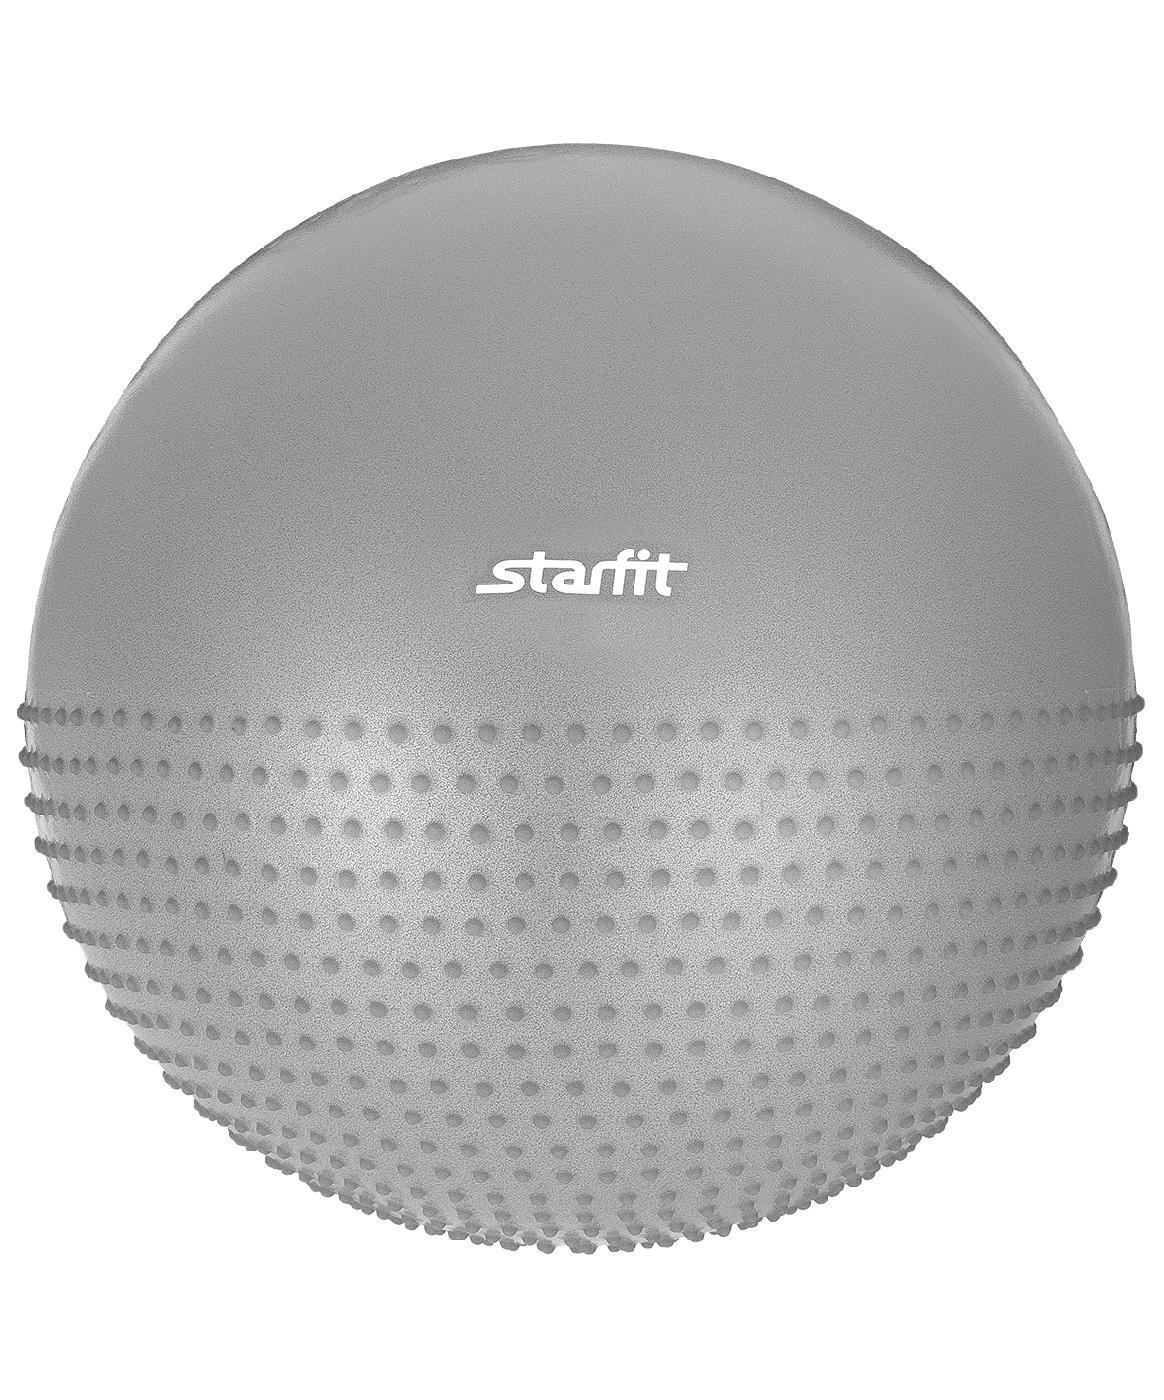 Мяч для фитнеса Starfit Мяч гимнастический полумассажный Starfit GB-201 75 см, антивзрыв, серый, GB-201 75 см, антивзрыв, серый цена